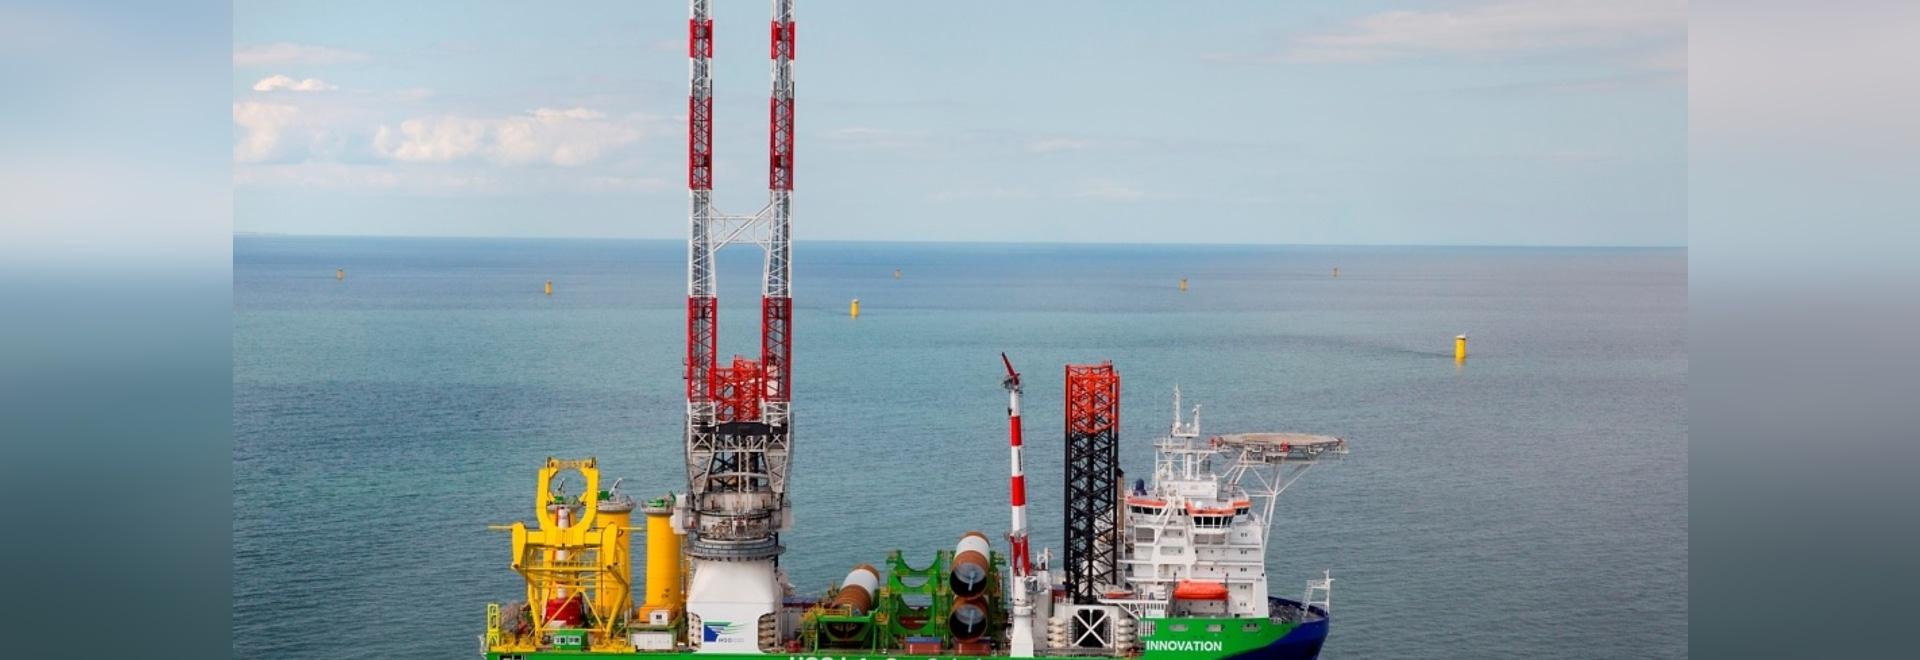 Nordsee offshore meg i gmbh